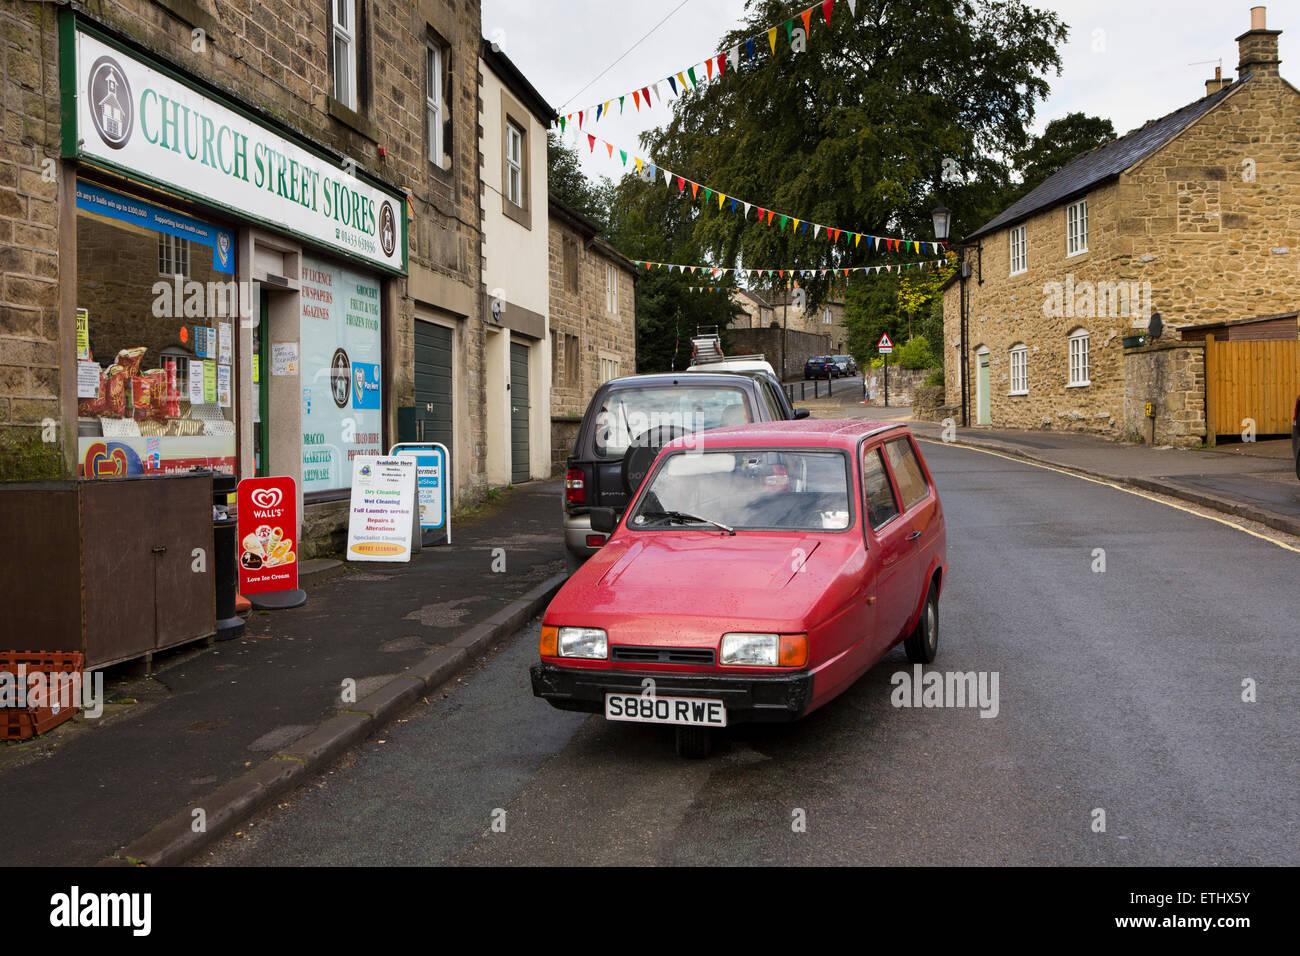 Regno Unito, Inghilterra, Derbyshire, Eyam, Church Street, bad parcheggio, vecchia Reliant Robin abbaiavano di blocco Immagini Stock